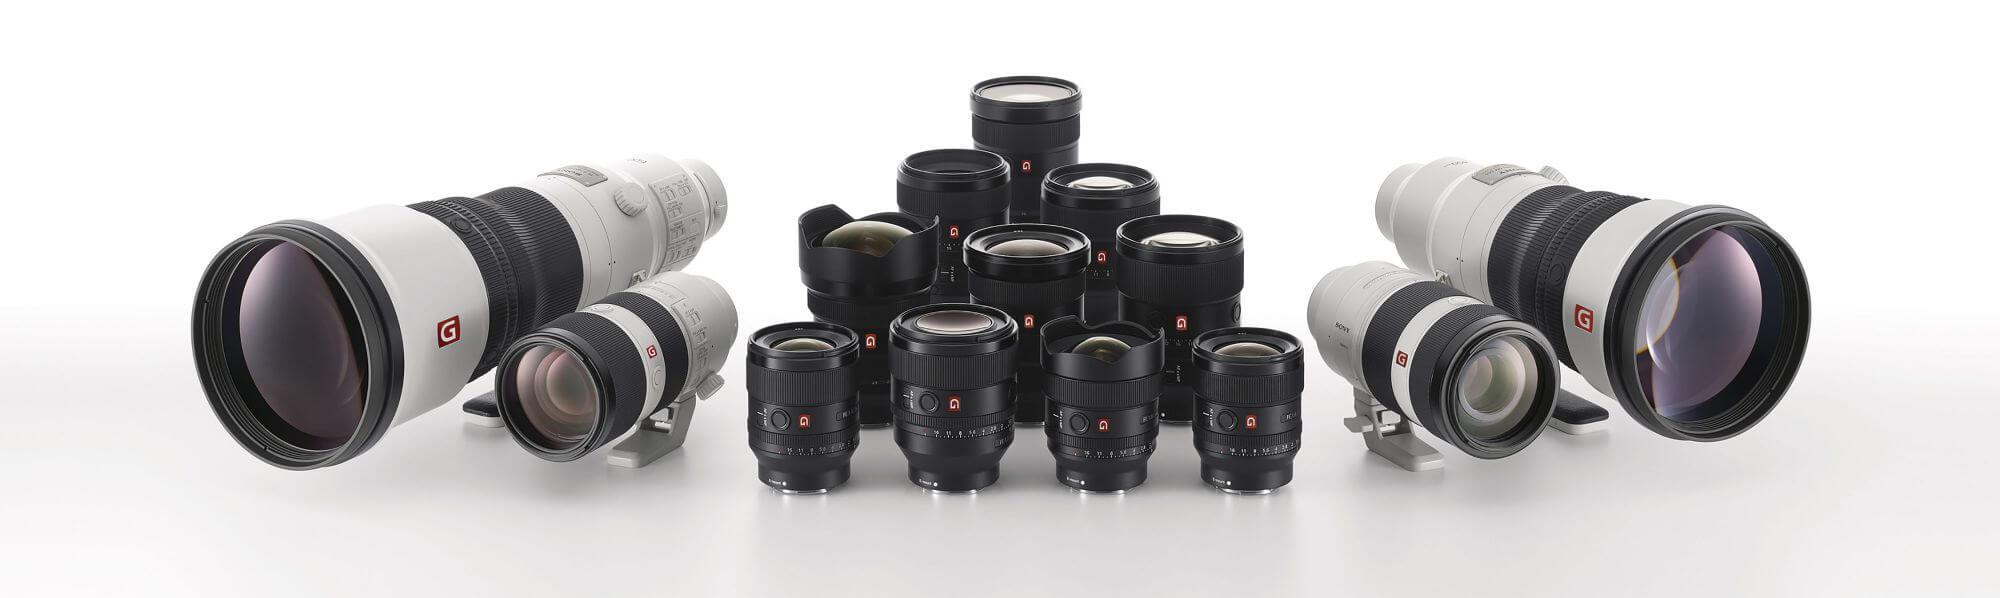 Group shot of GM Lenses